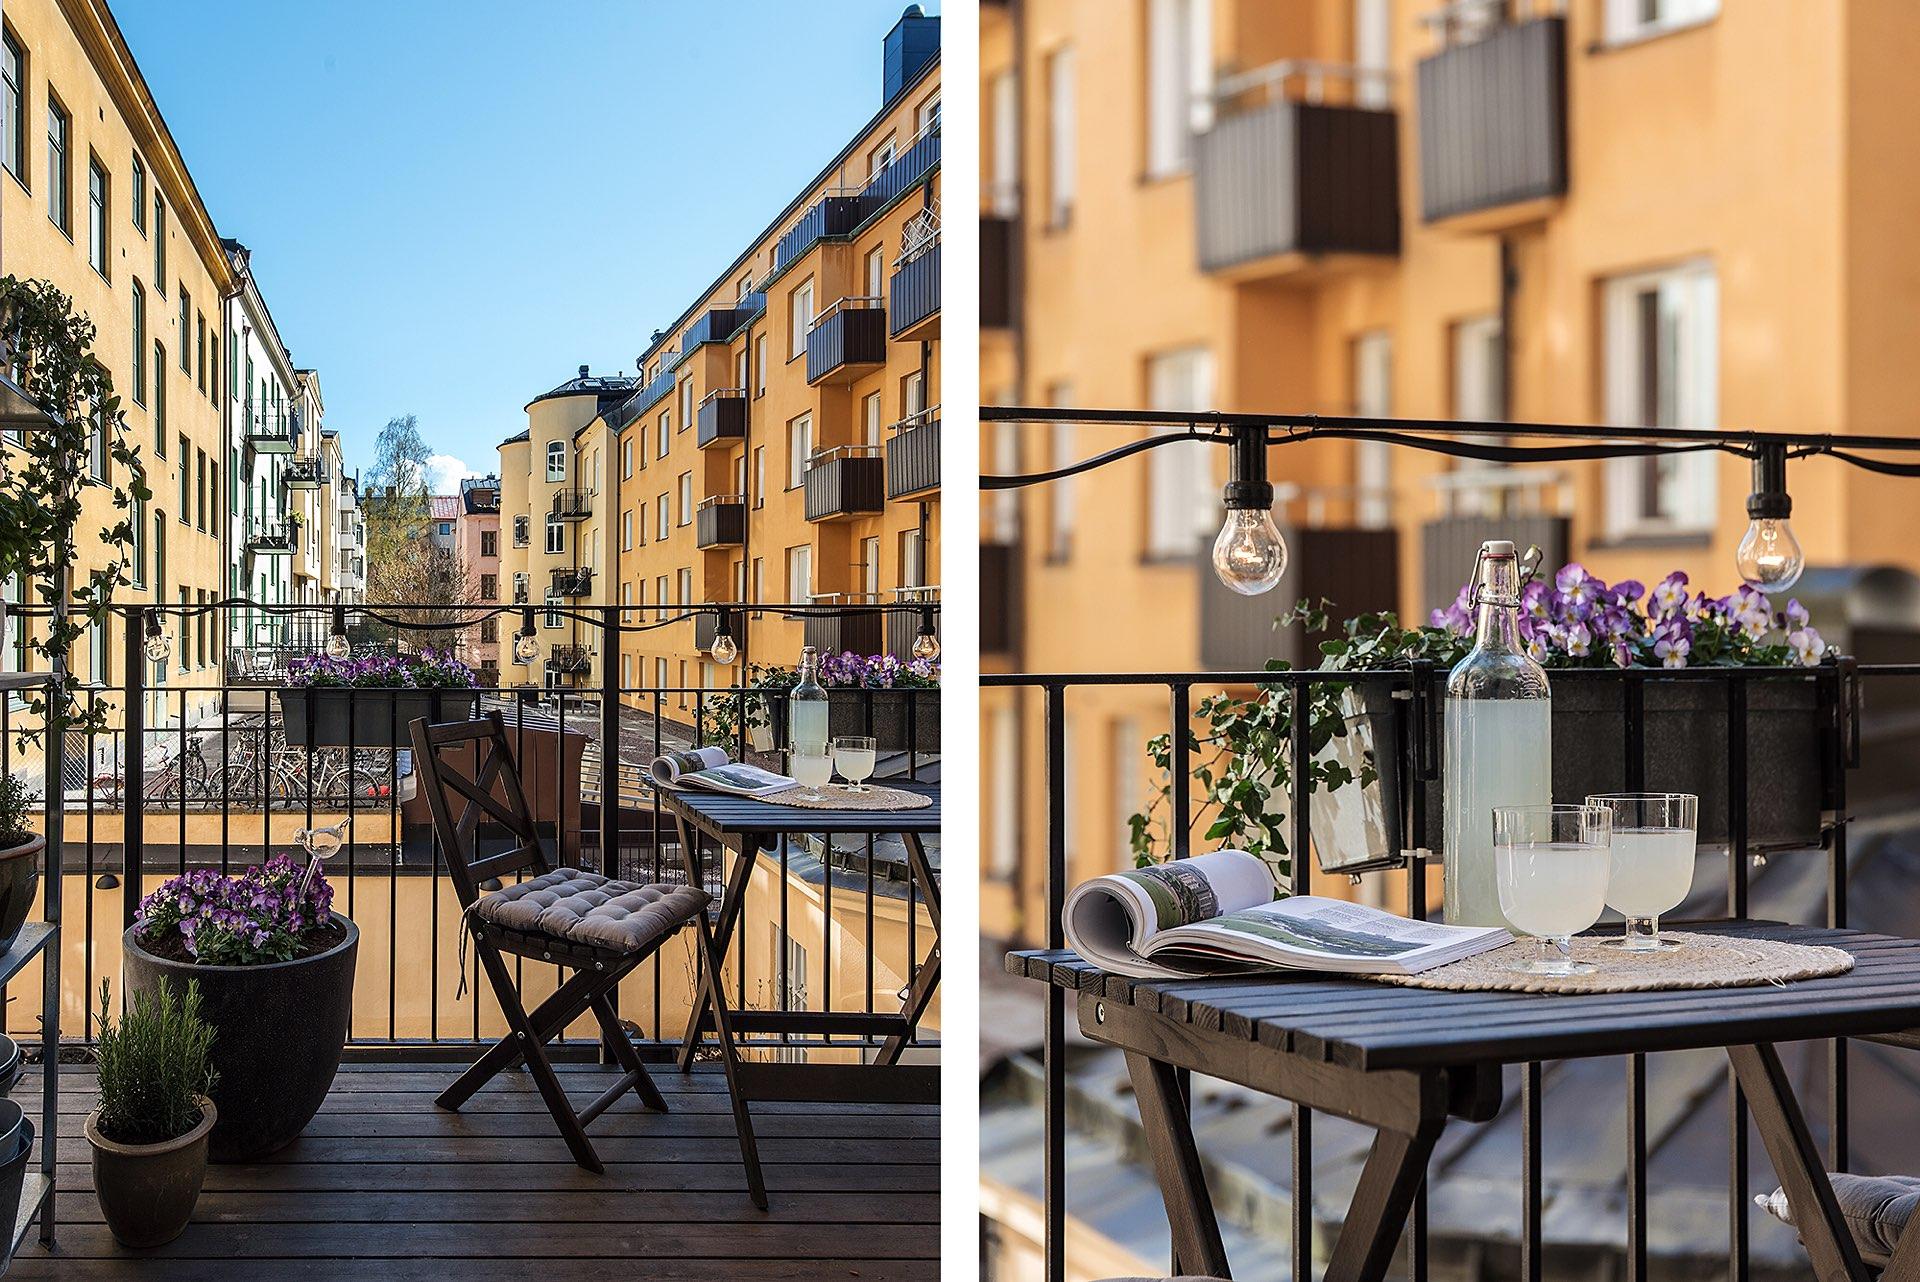 балкон подсветка гирлянда цветы уличная мебель